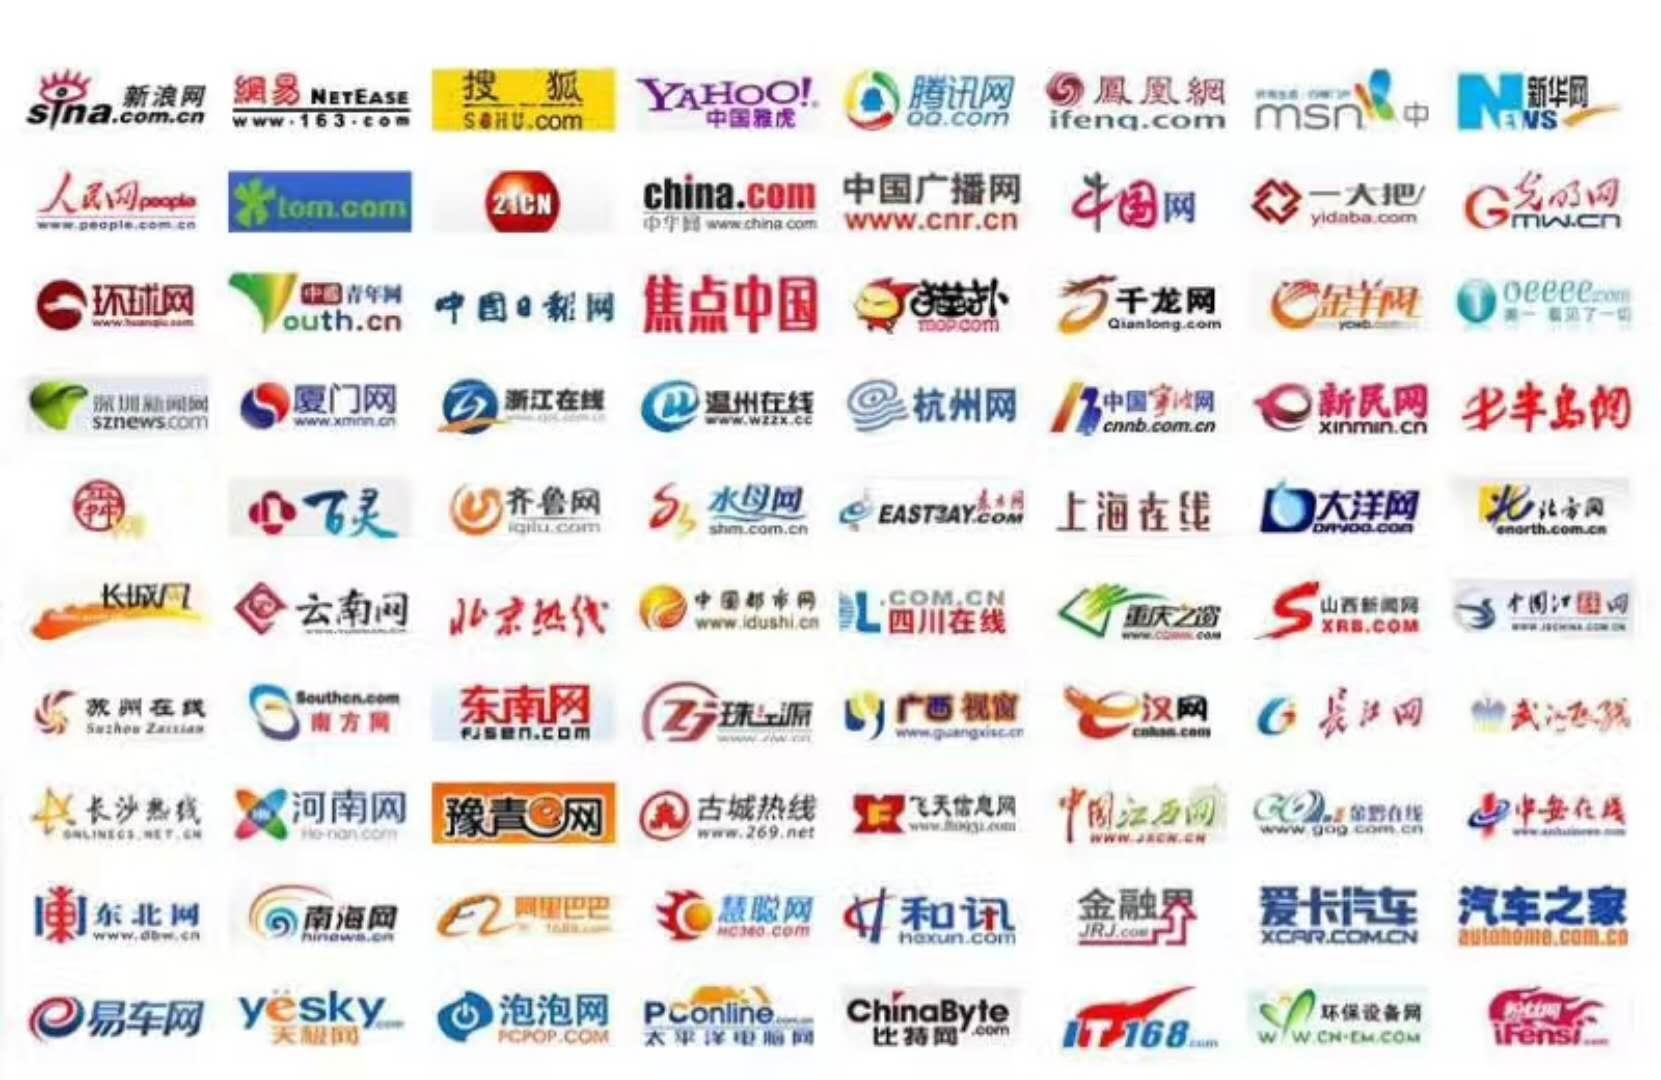 微视网媒互联网新闻媒体营销,自媒体营销,品牌口碑营销是什么?